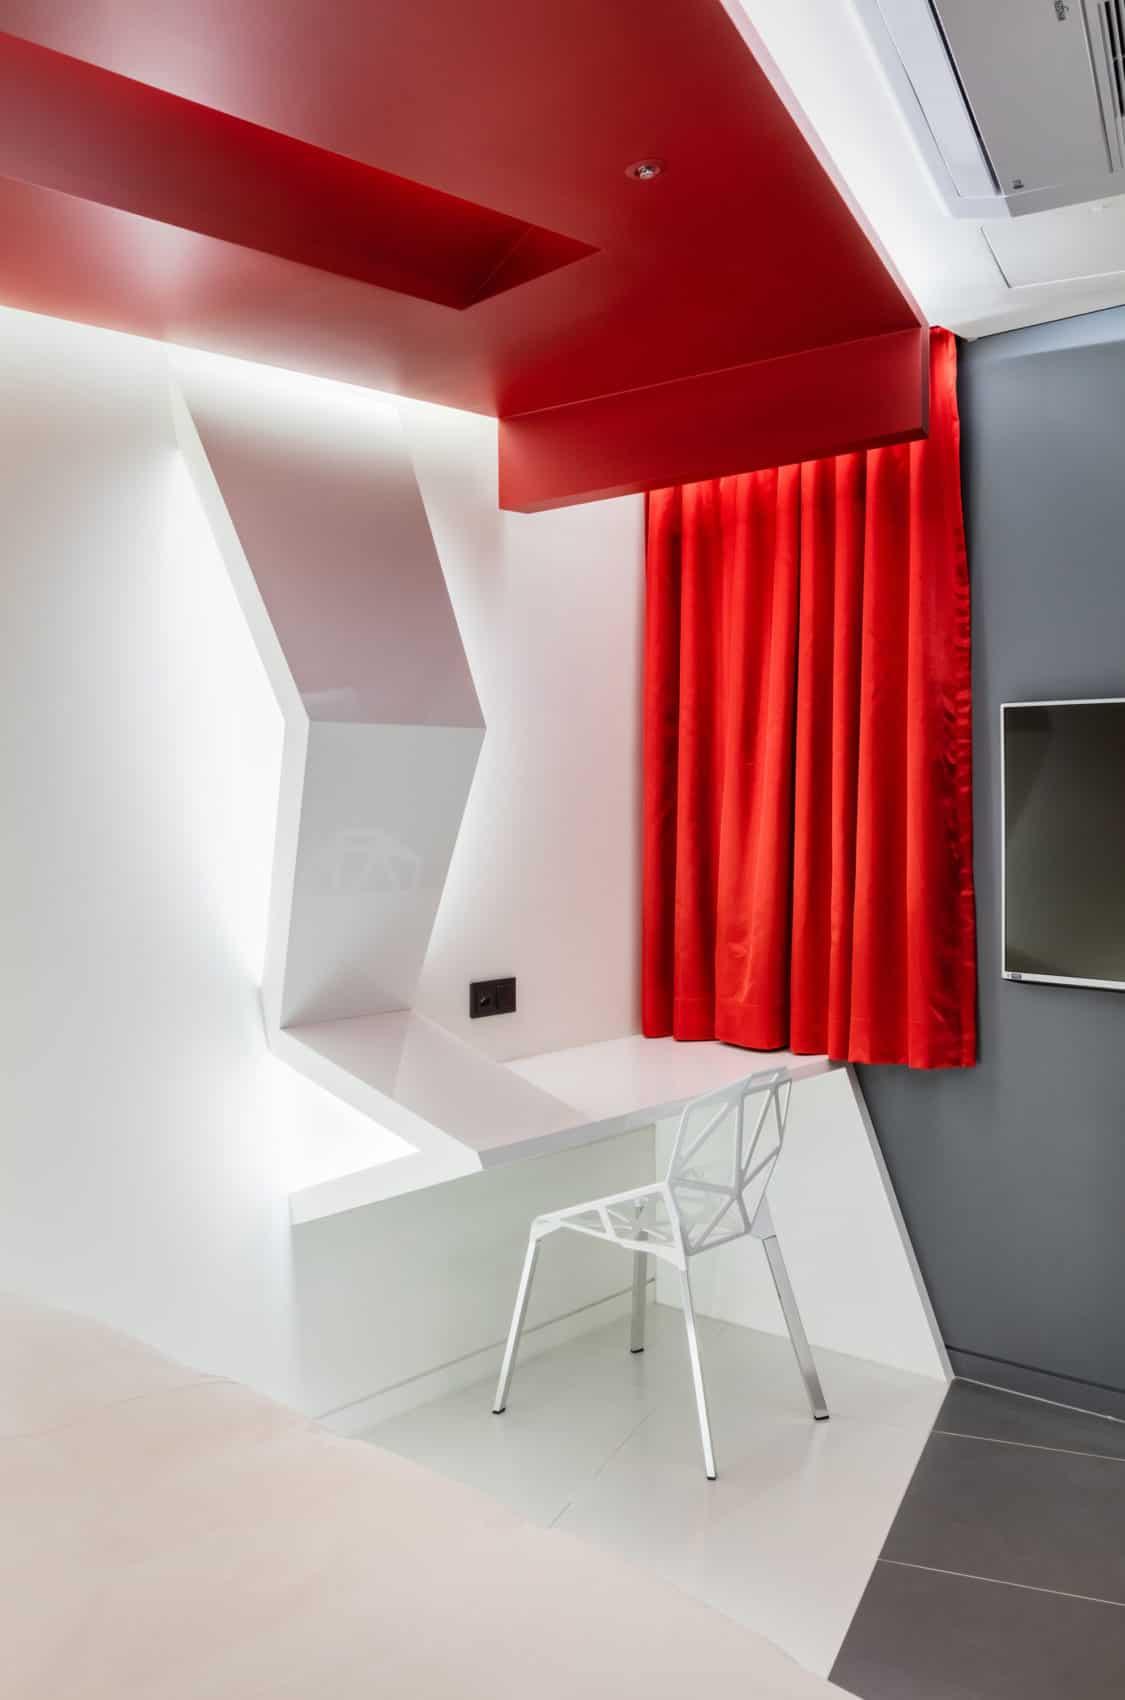 Hotel The Designers by Seungmo Lim (11)